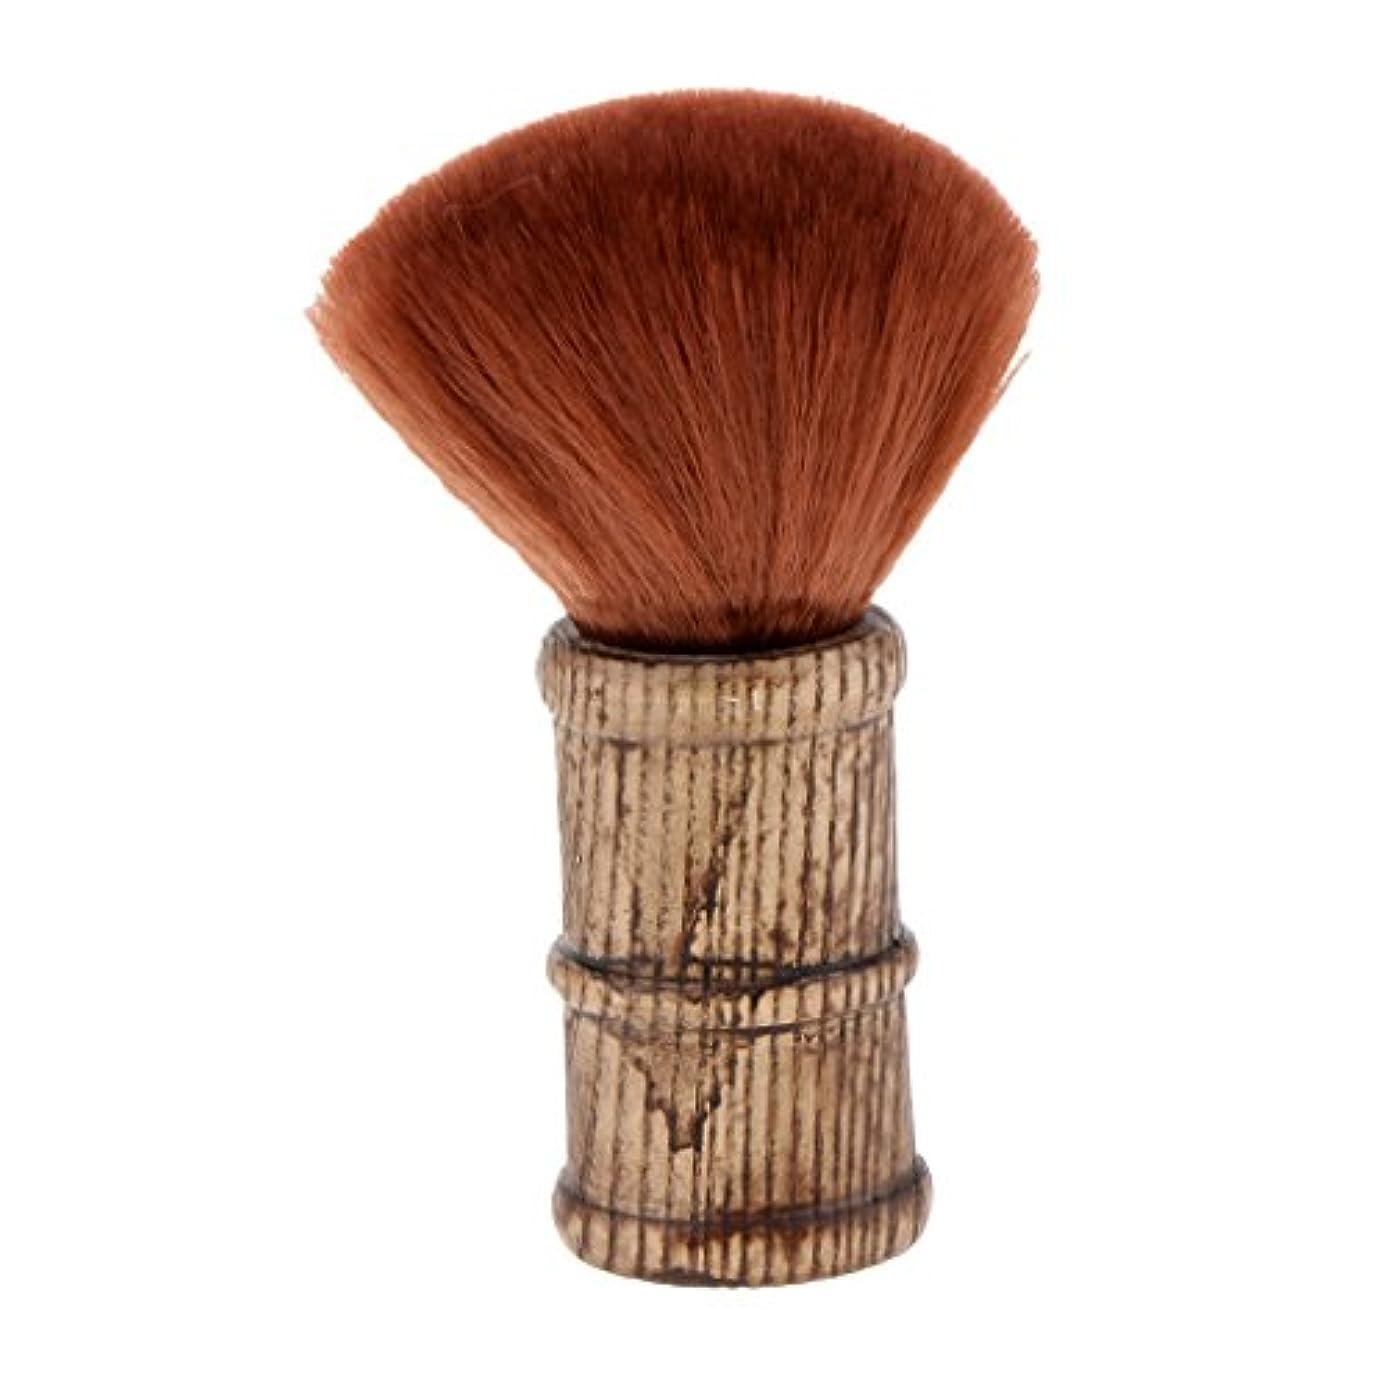 縮約変装した緩めるSharplace ネックダスターブラシ ヘアカットブラシ メイクブラシ サロン 理髪師 2色選べ - 褐色